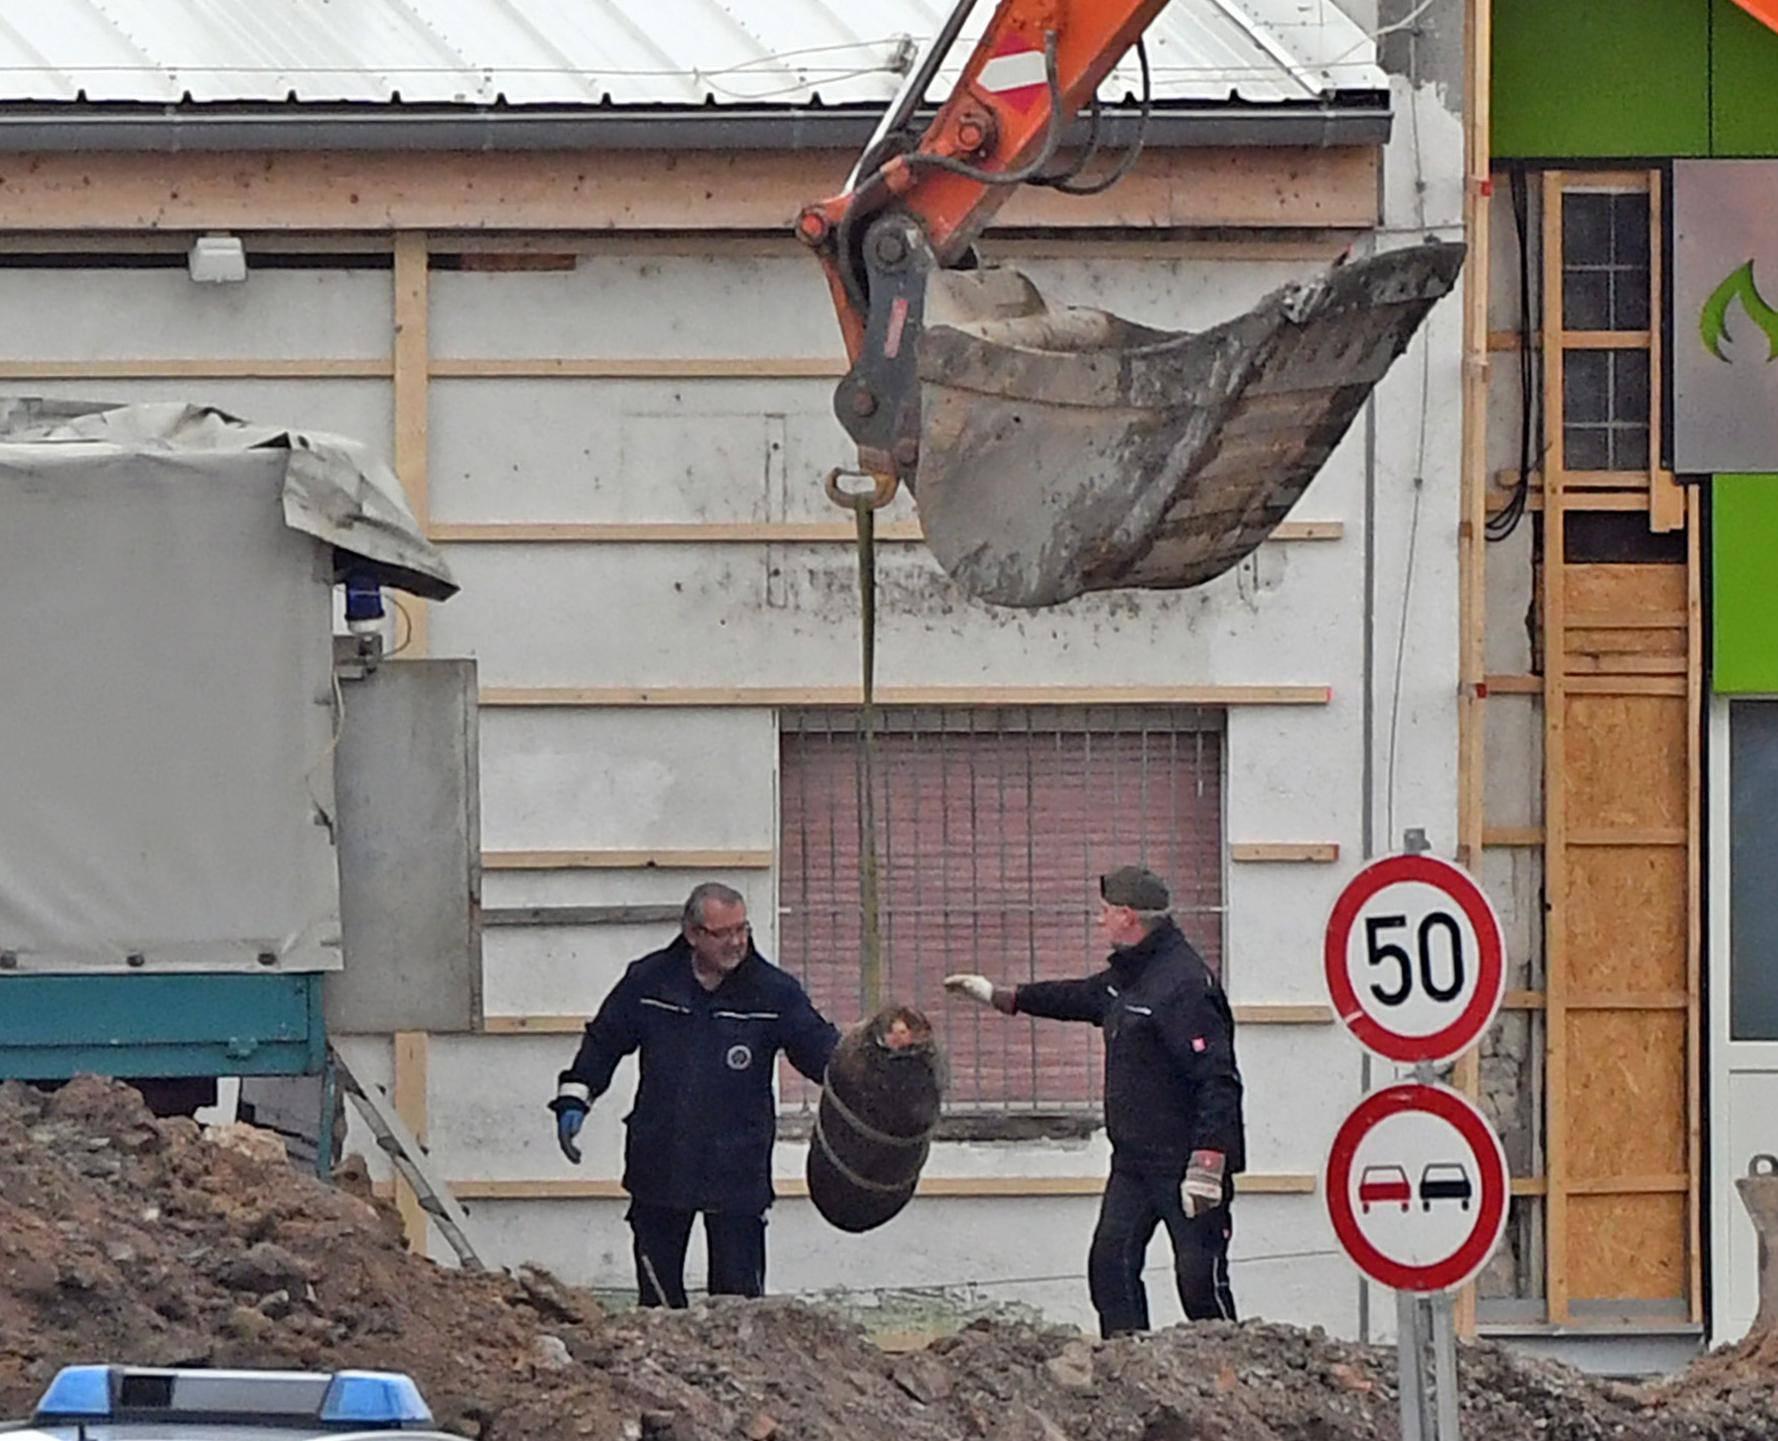 U Mariboru našli bombu tešku 250 kg, uspješno je deaktivirali